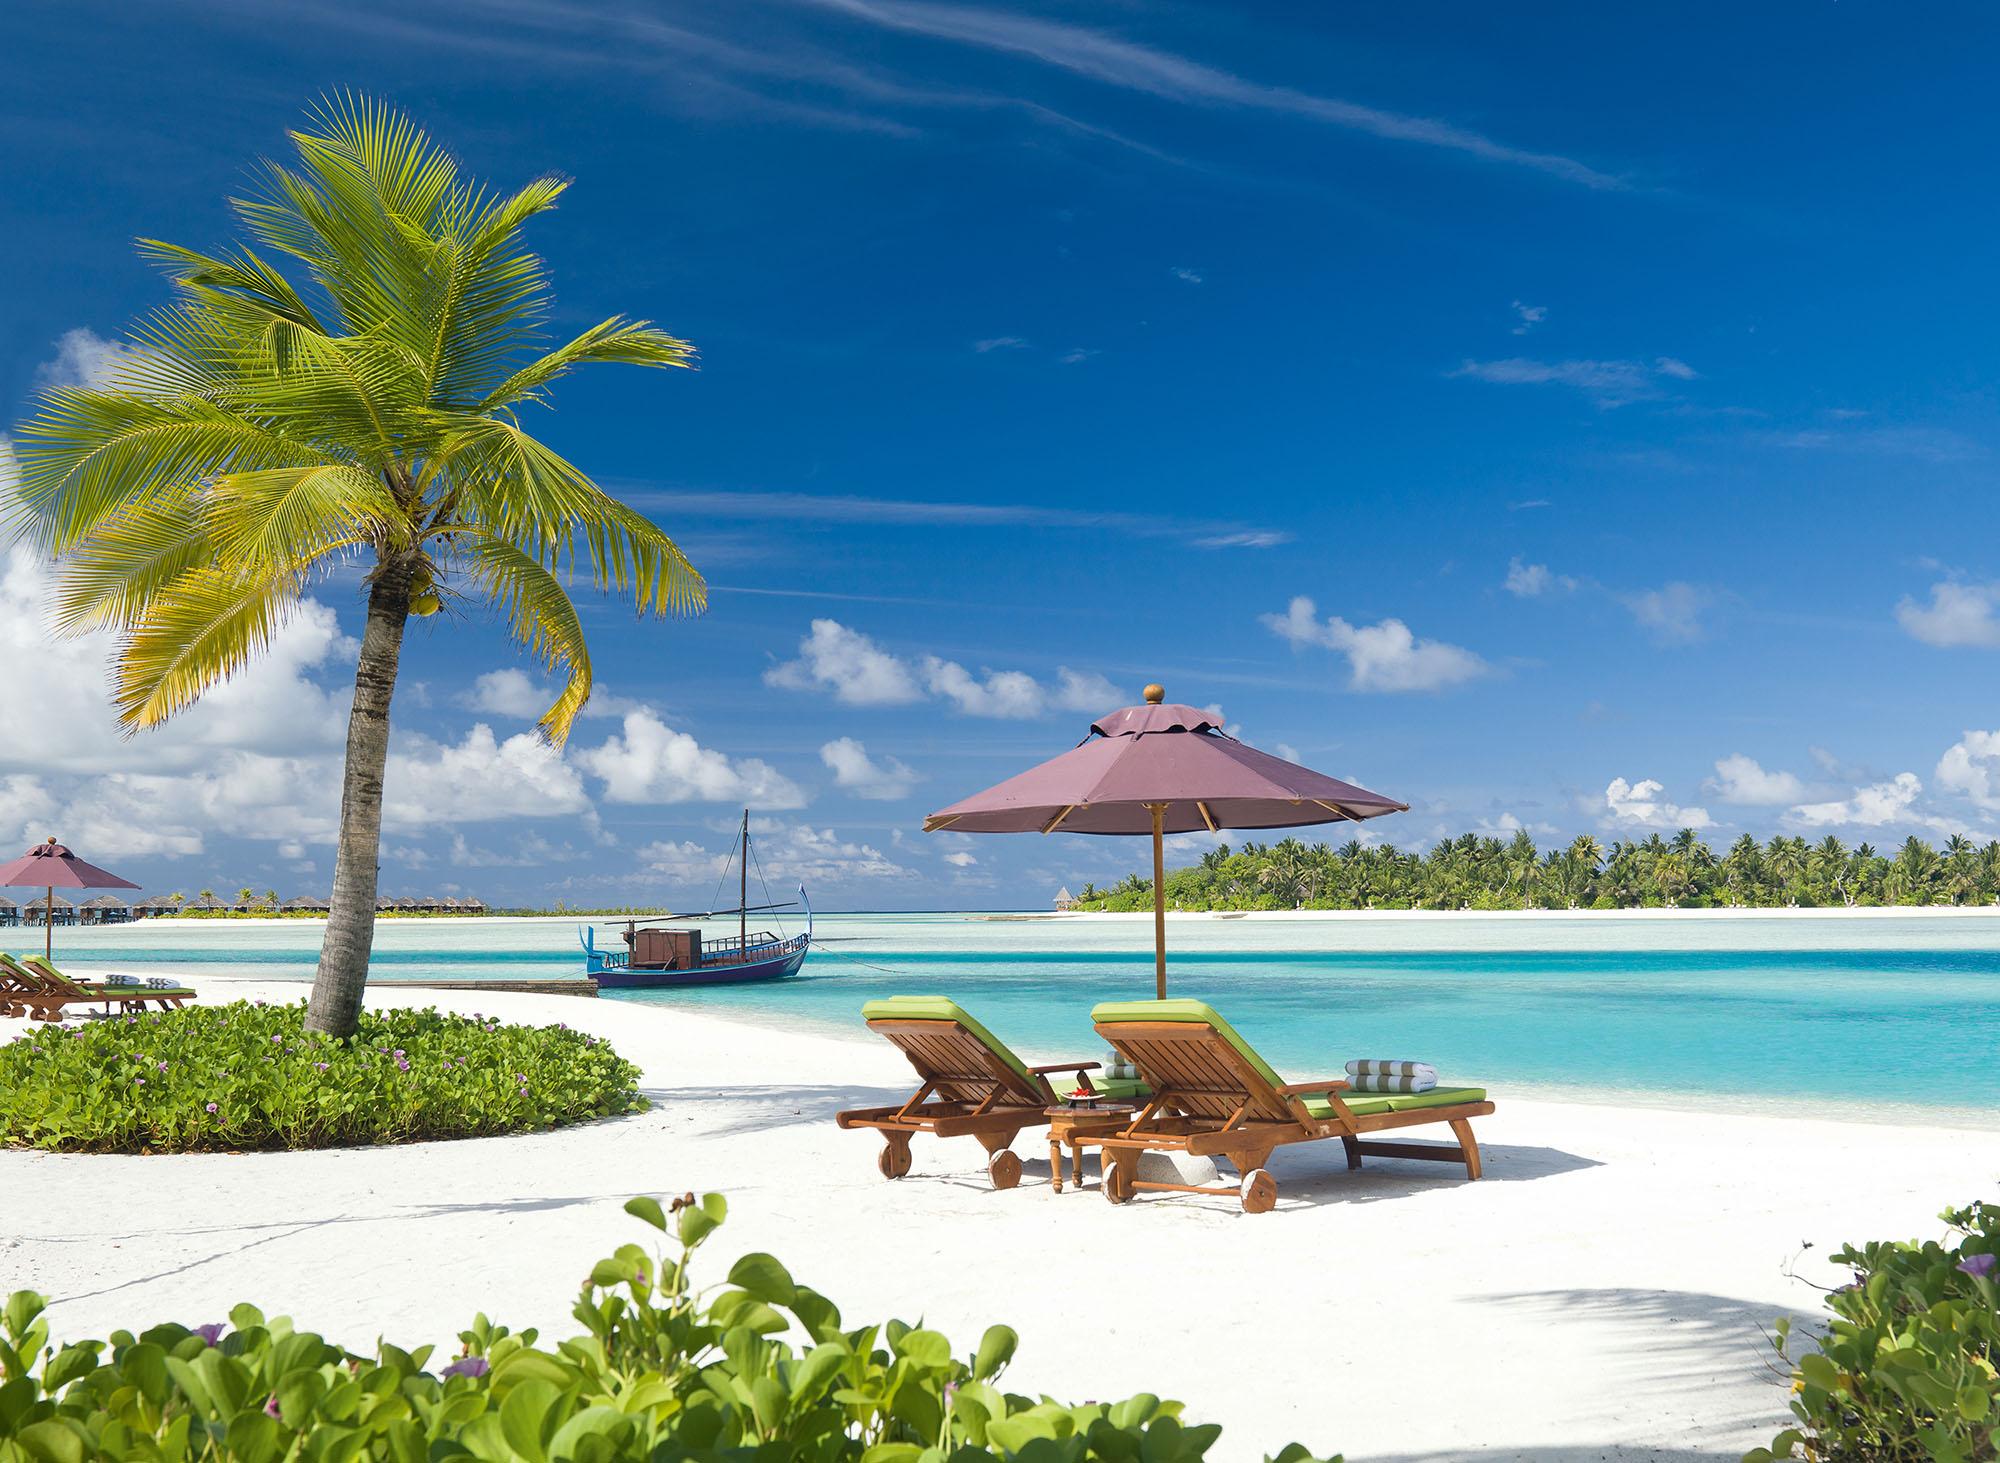 Fin de año en el paraíso: Naladhu en Maldivas